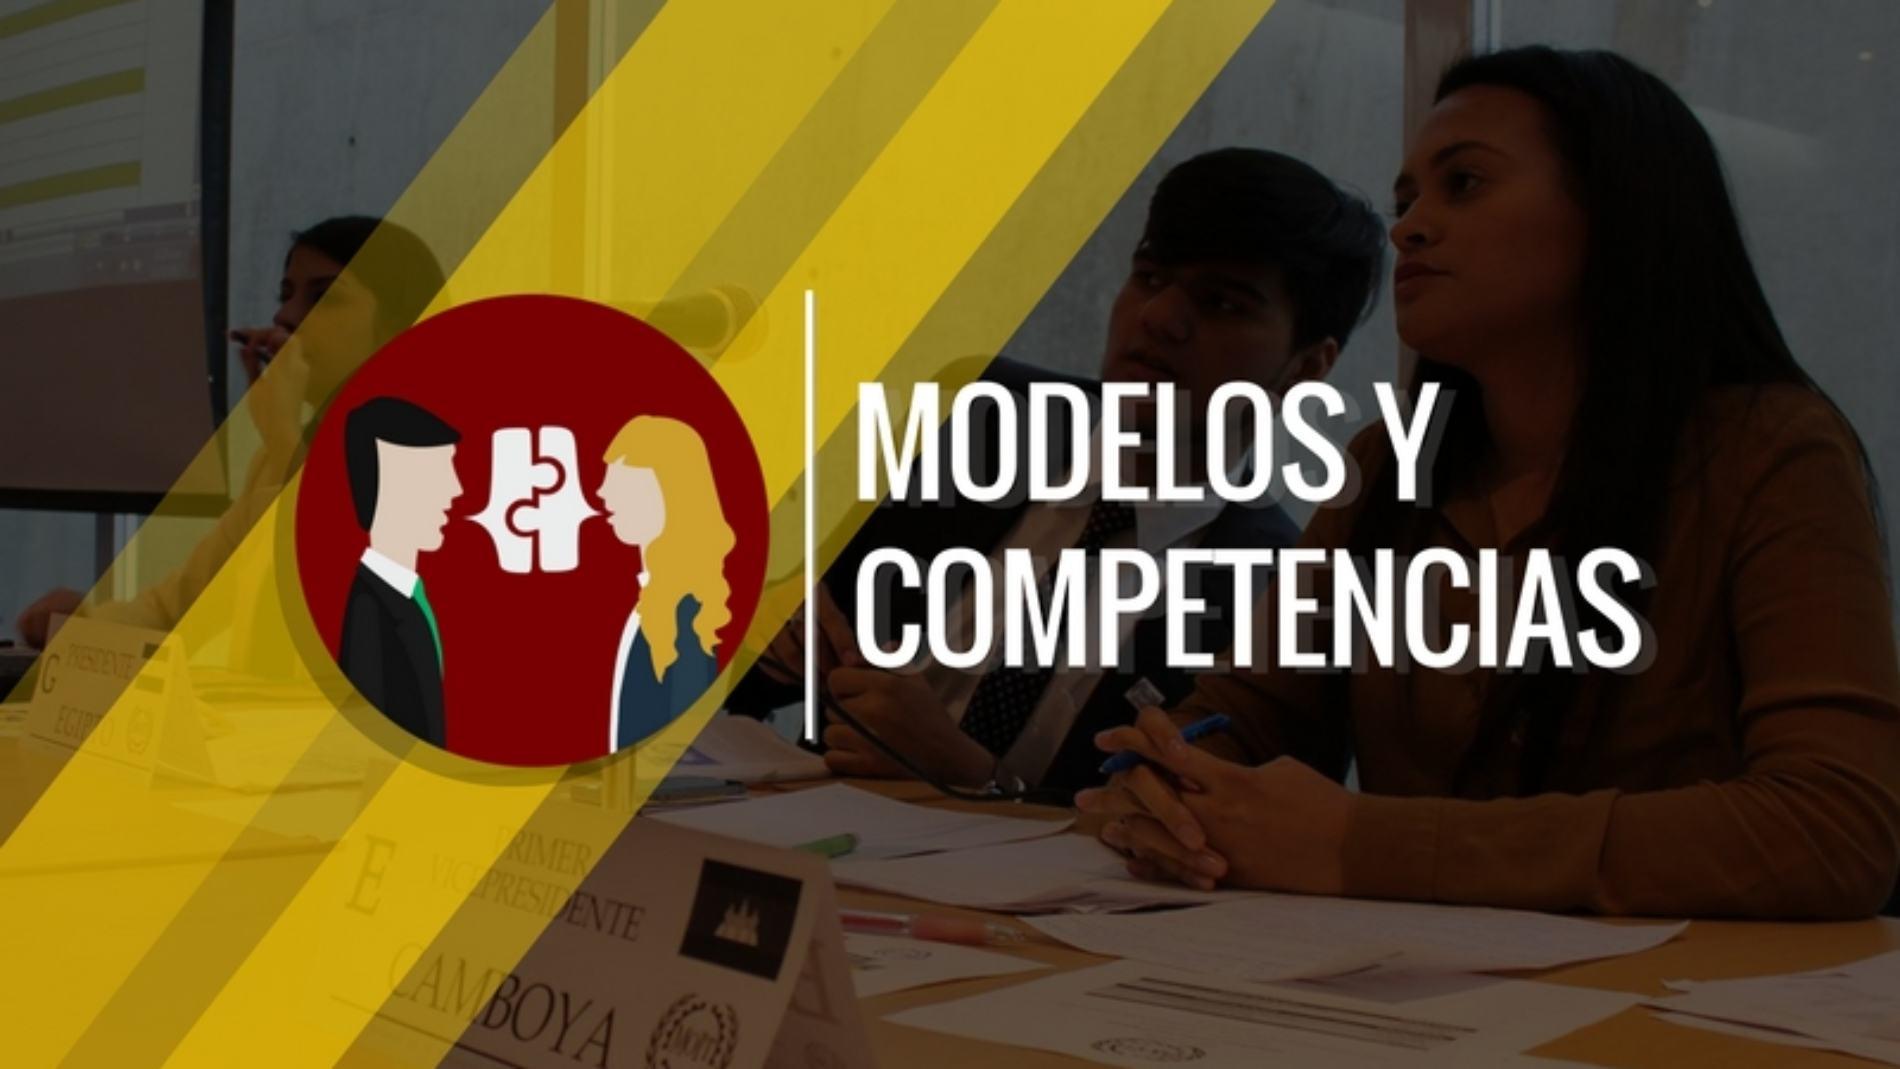 Modelos y Competencias